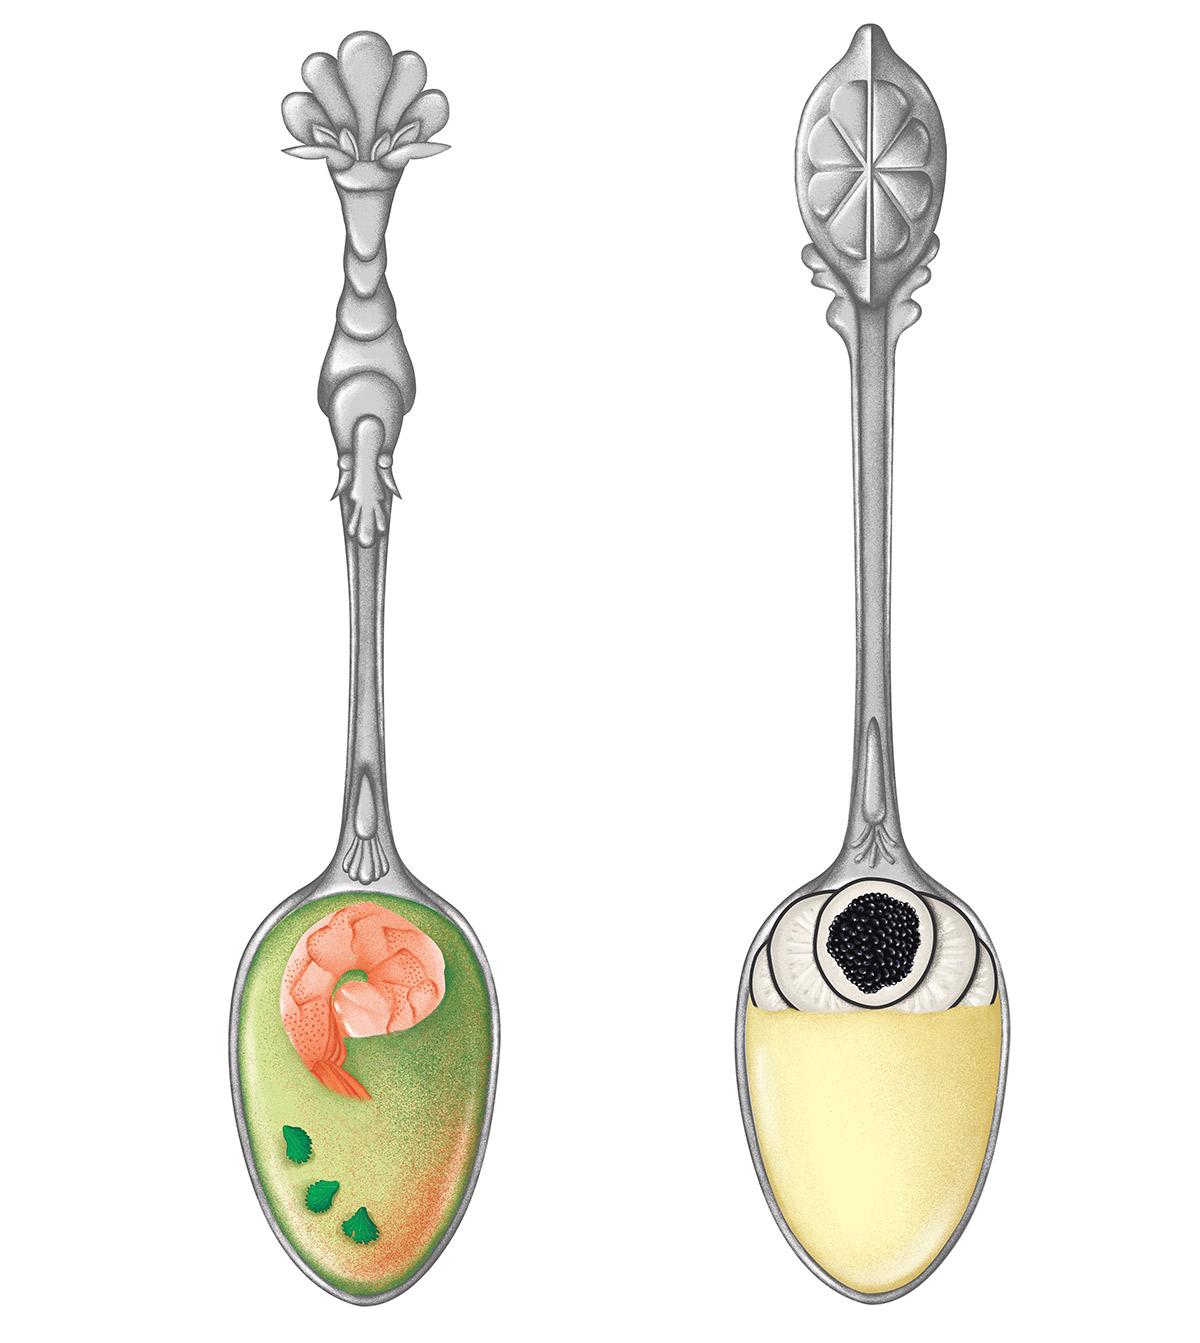 illustration réaliste de cuillères en argent ornées d'une crevette et d'un citron par ichetkar recettes au yaourt